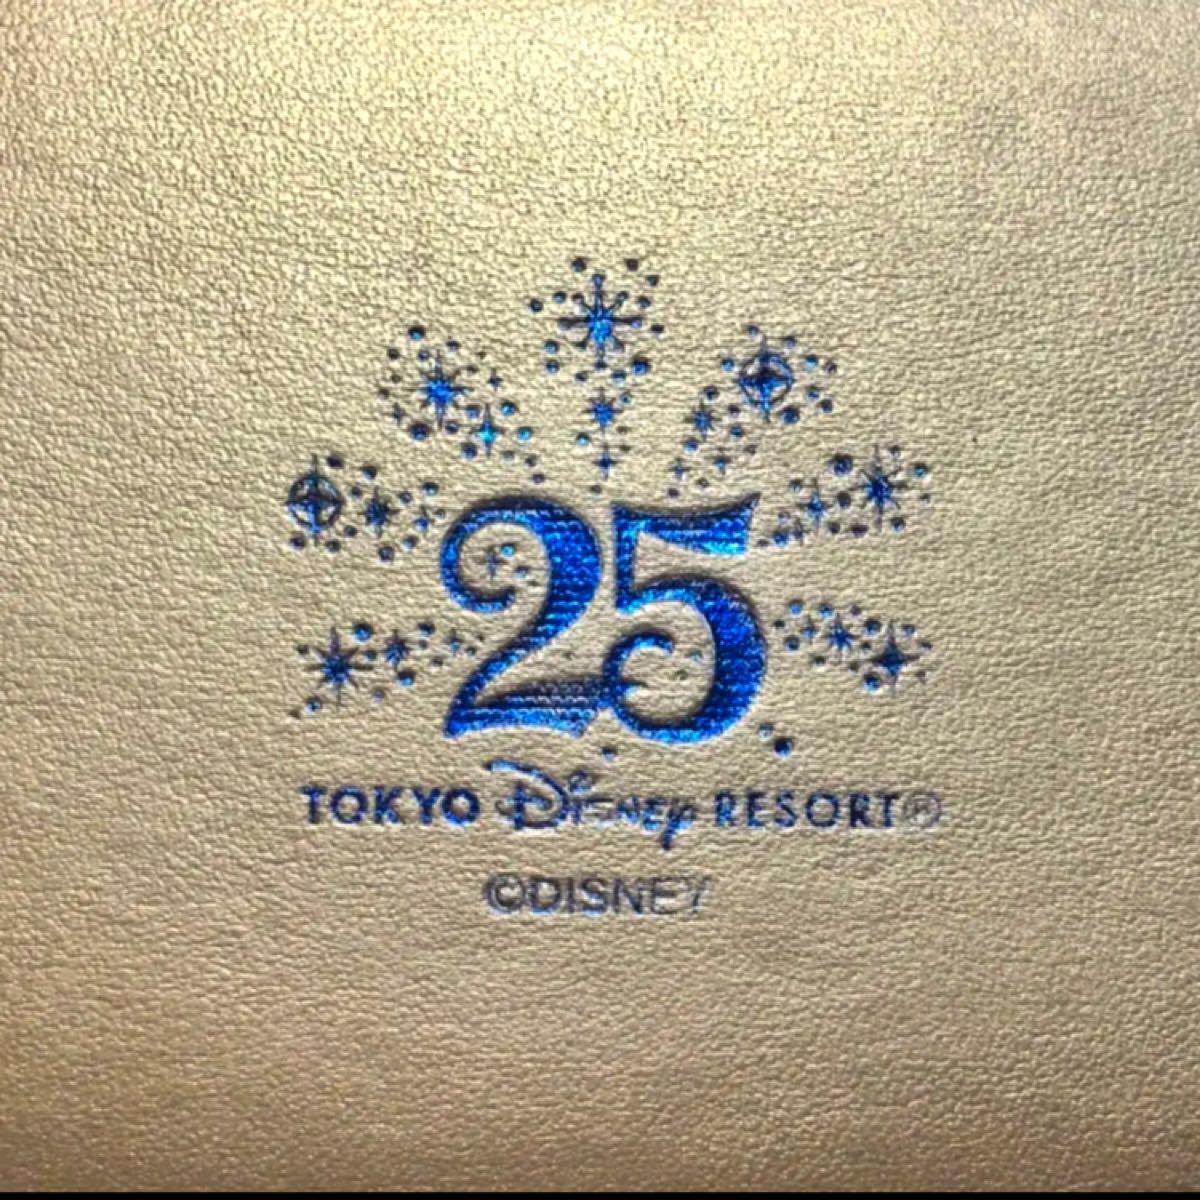 東京ディズニーランド 25周年記念 マジカルキー